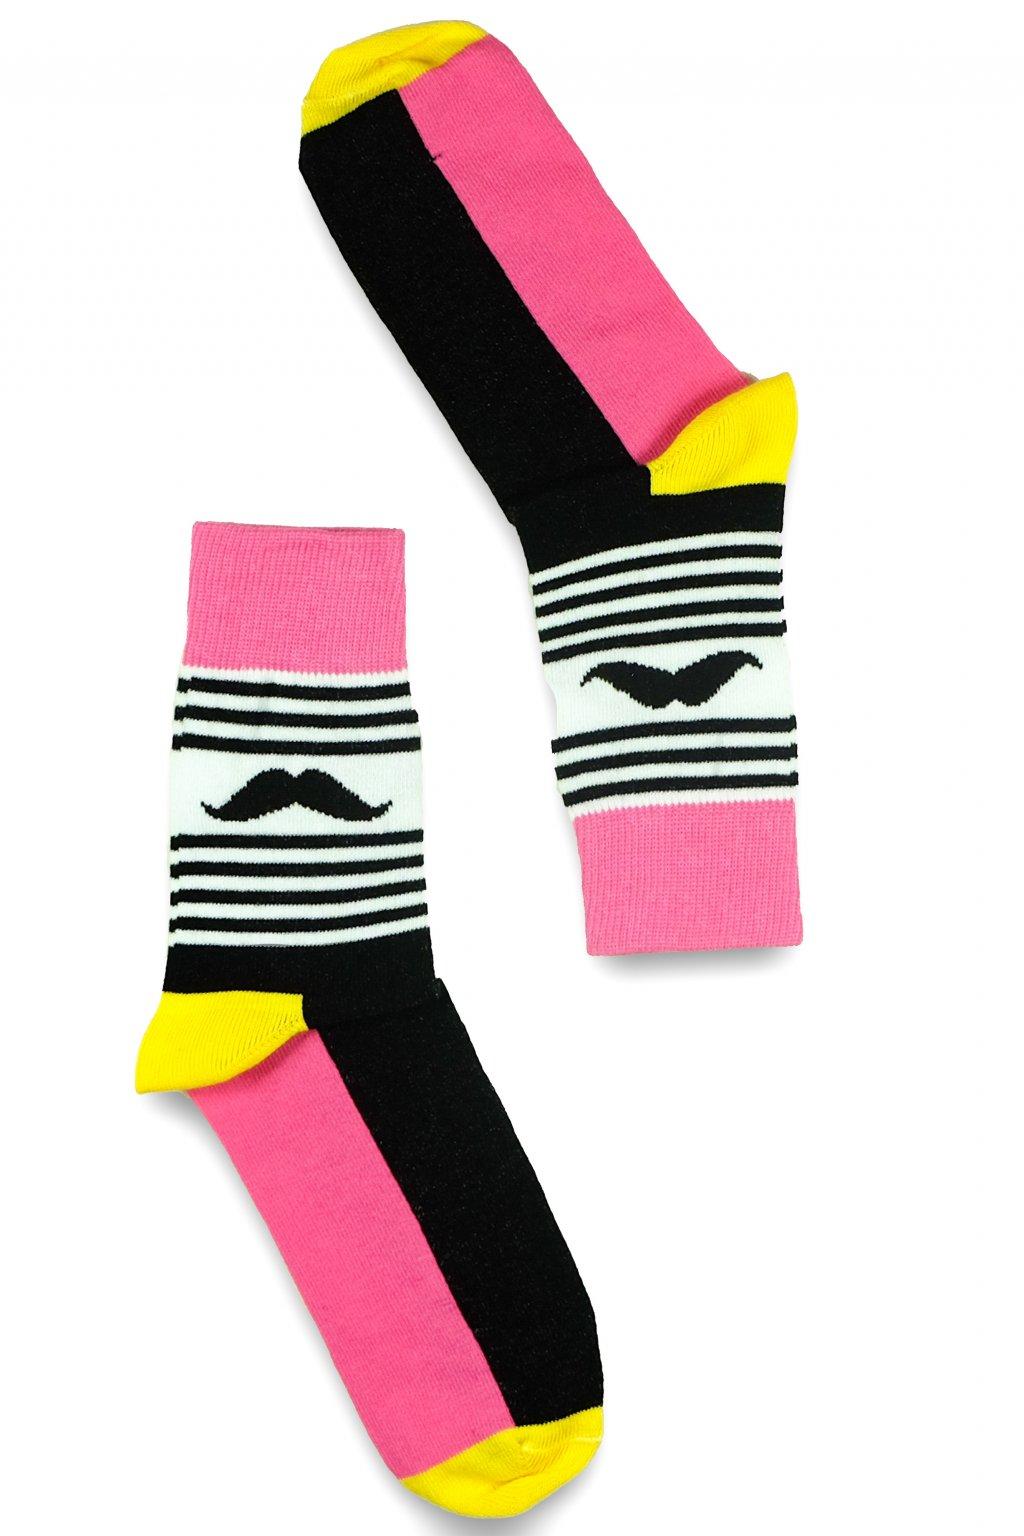 ruzove barevne vesele ponozky Le Fusek